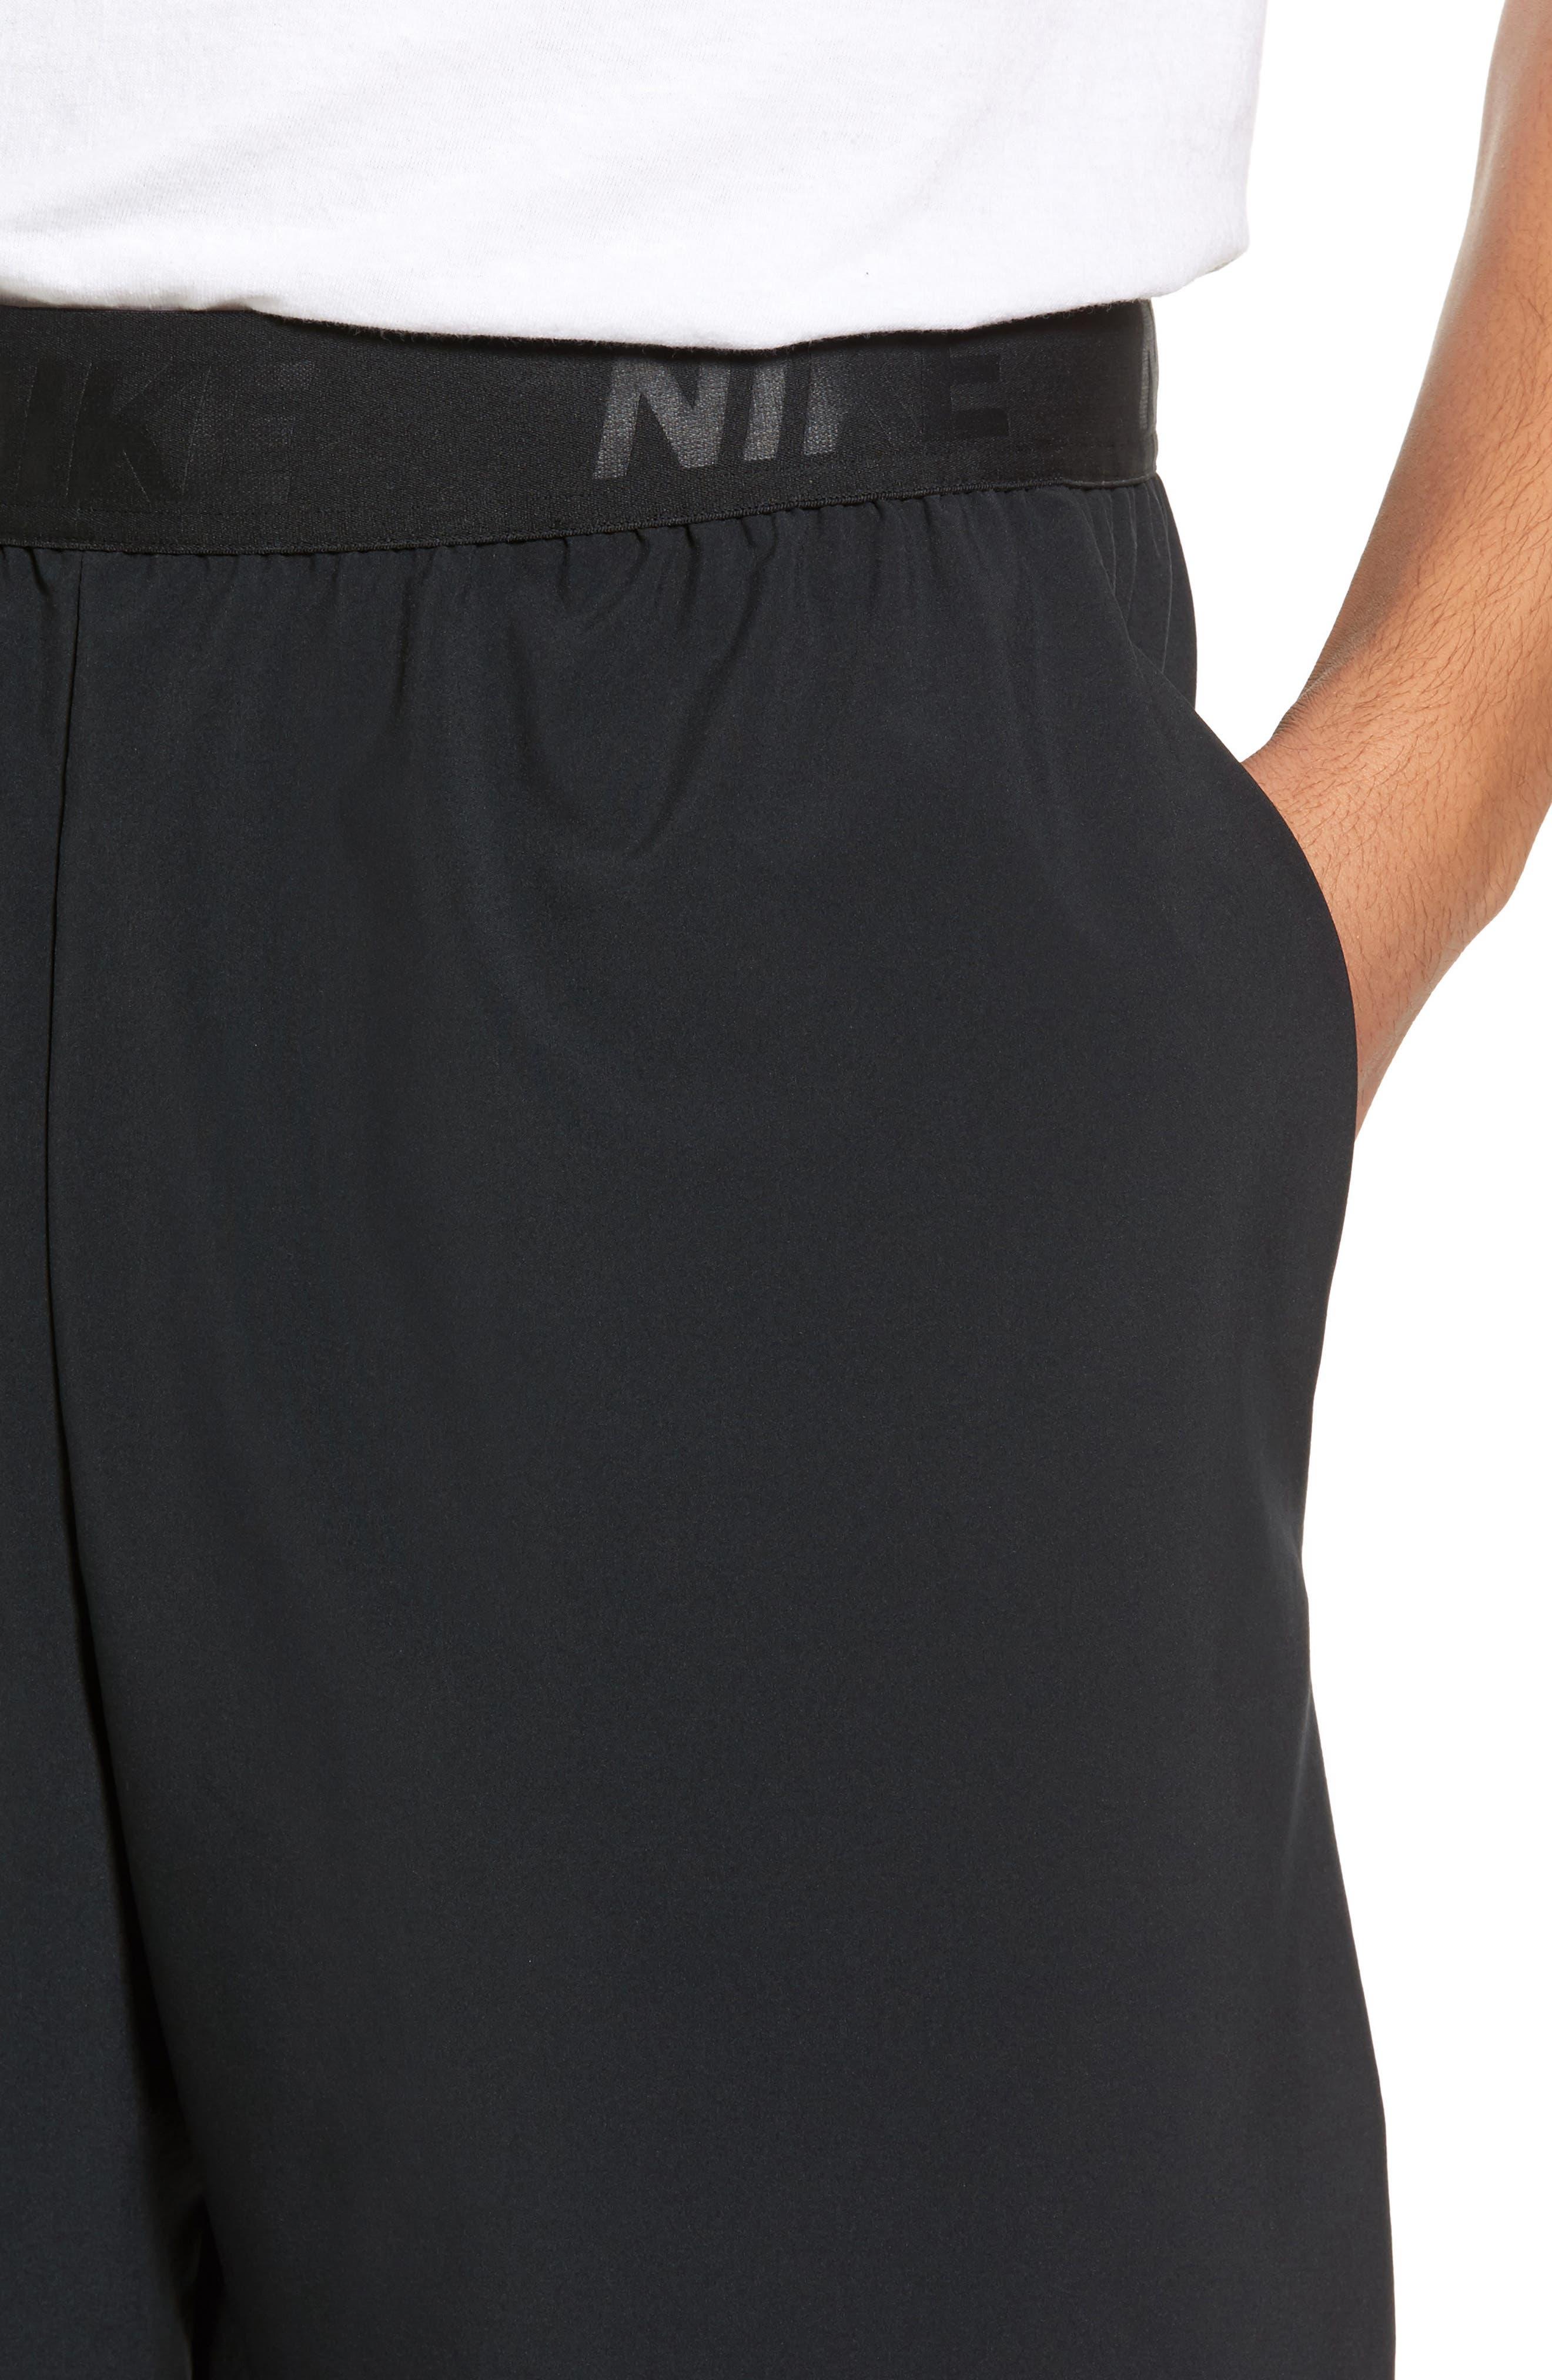 NIKE, Flex Vent Max Shorts, Alternate thumbnail 5, color, BLACK/ METALLIC HEMATITE